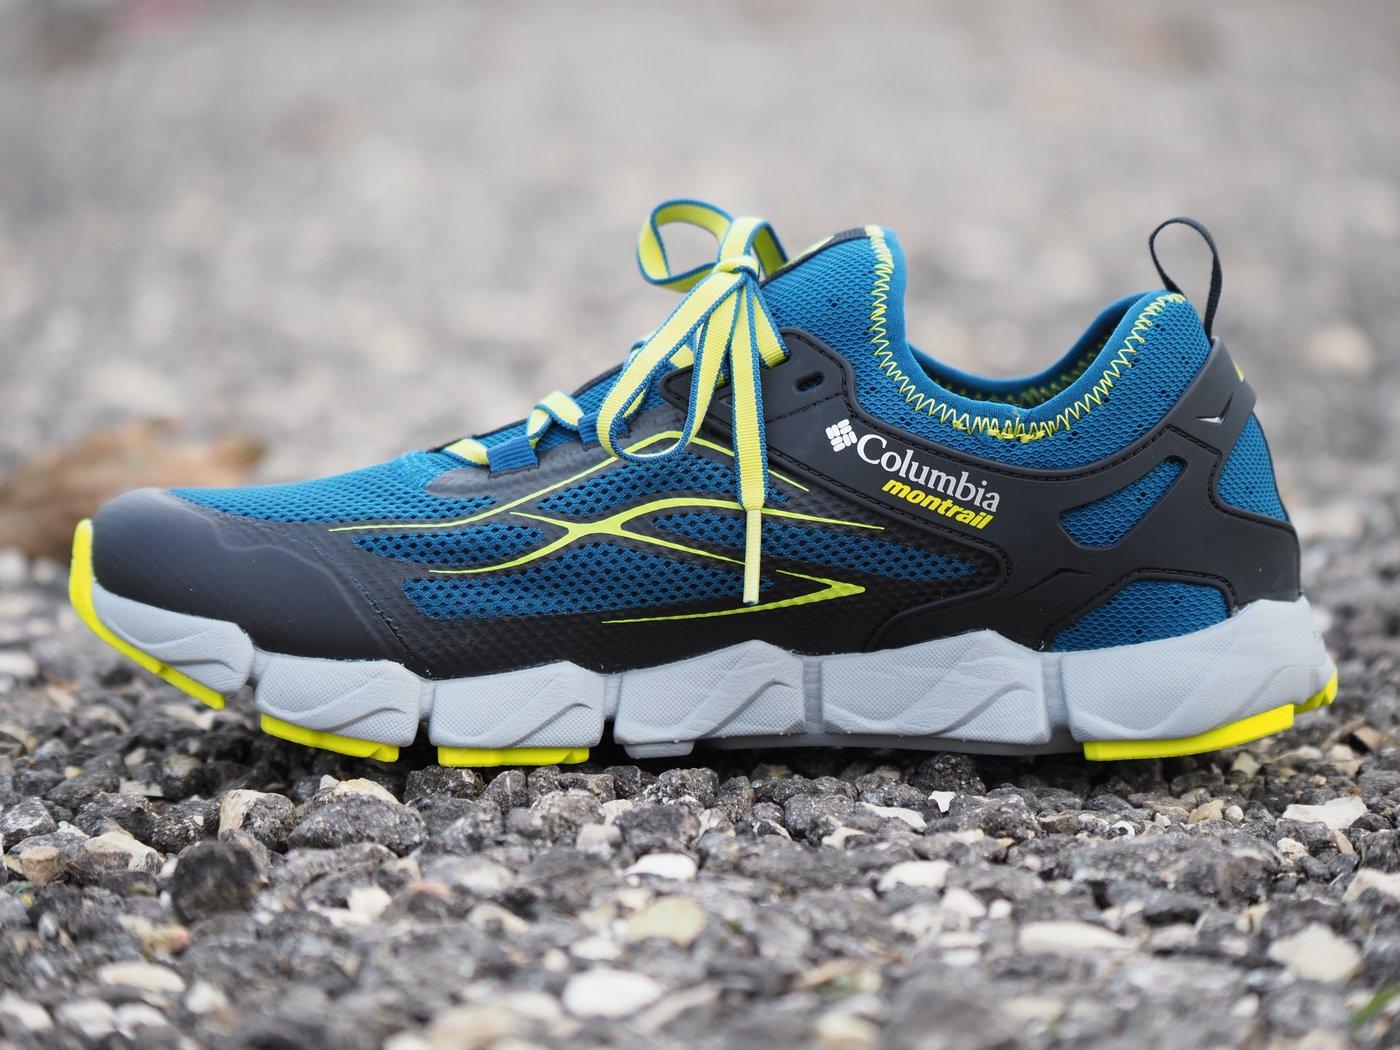 נעל ריצה מתאימה עבור מתחילים לרוץ